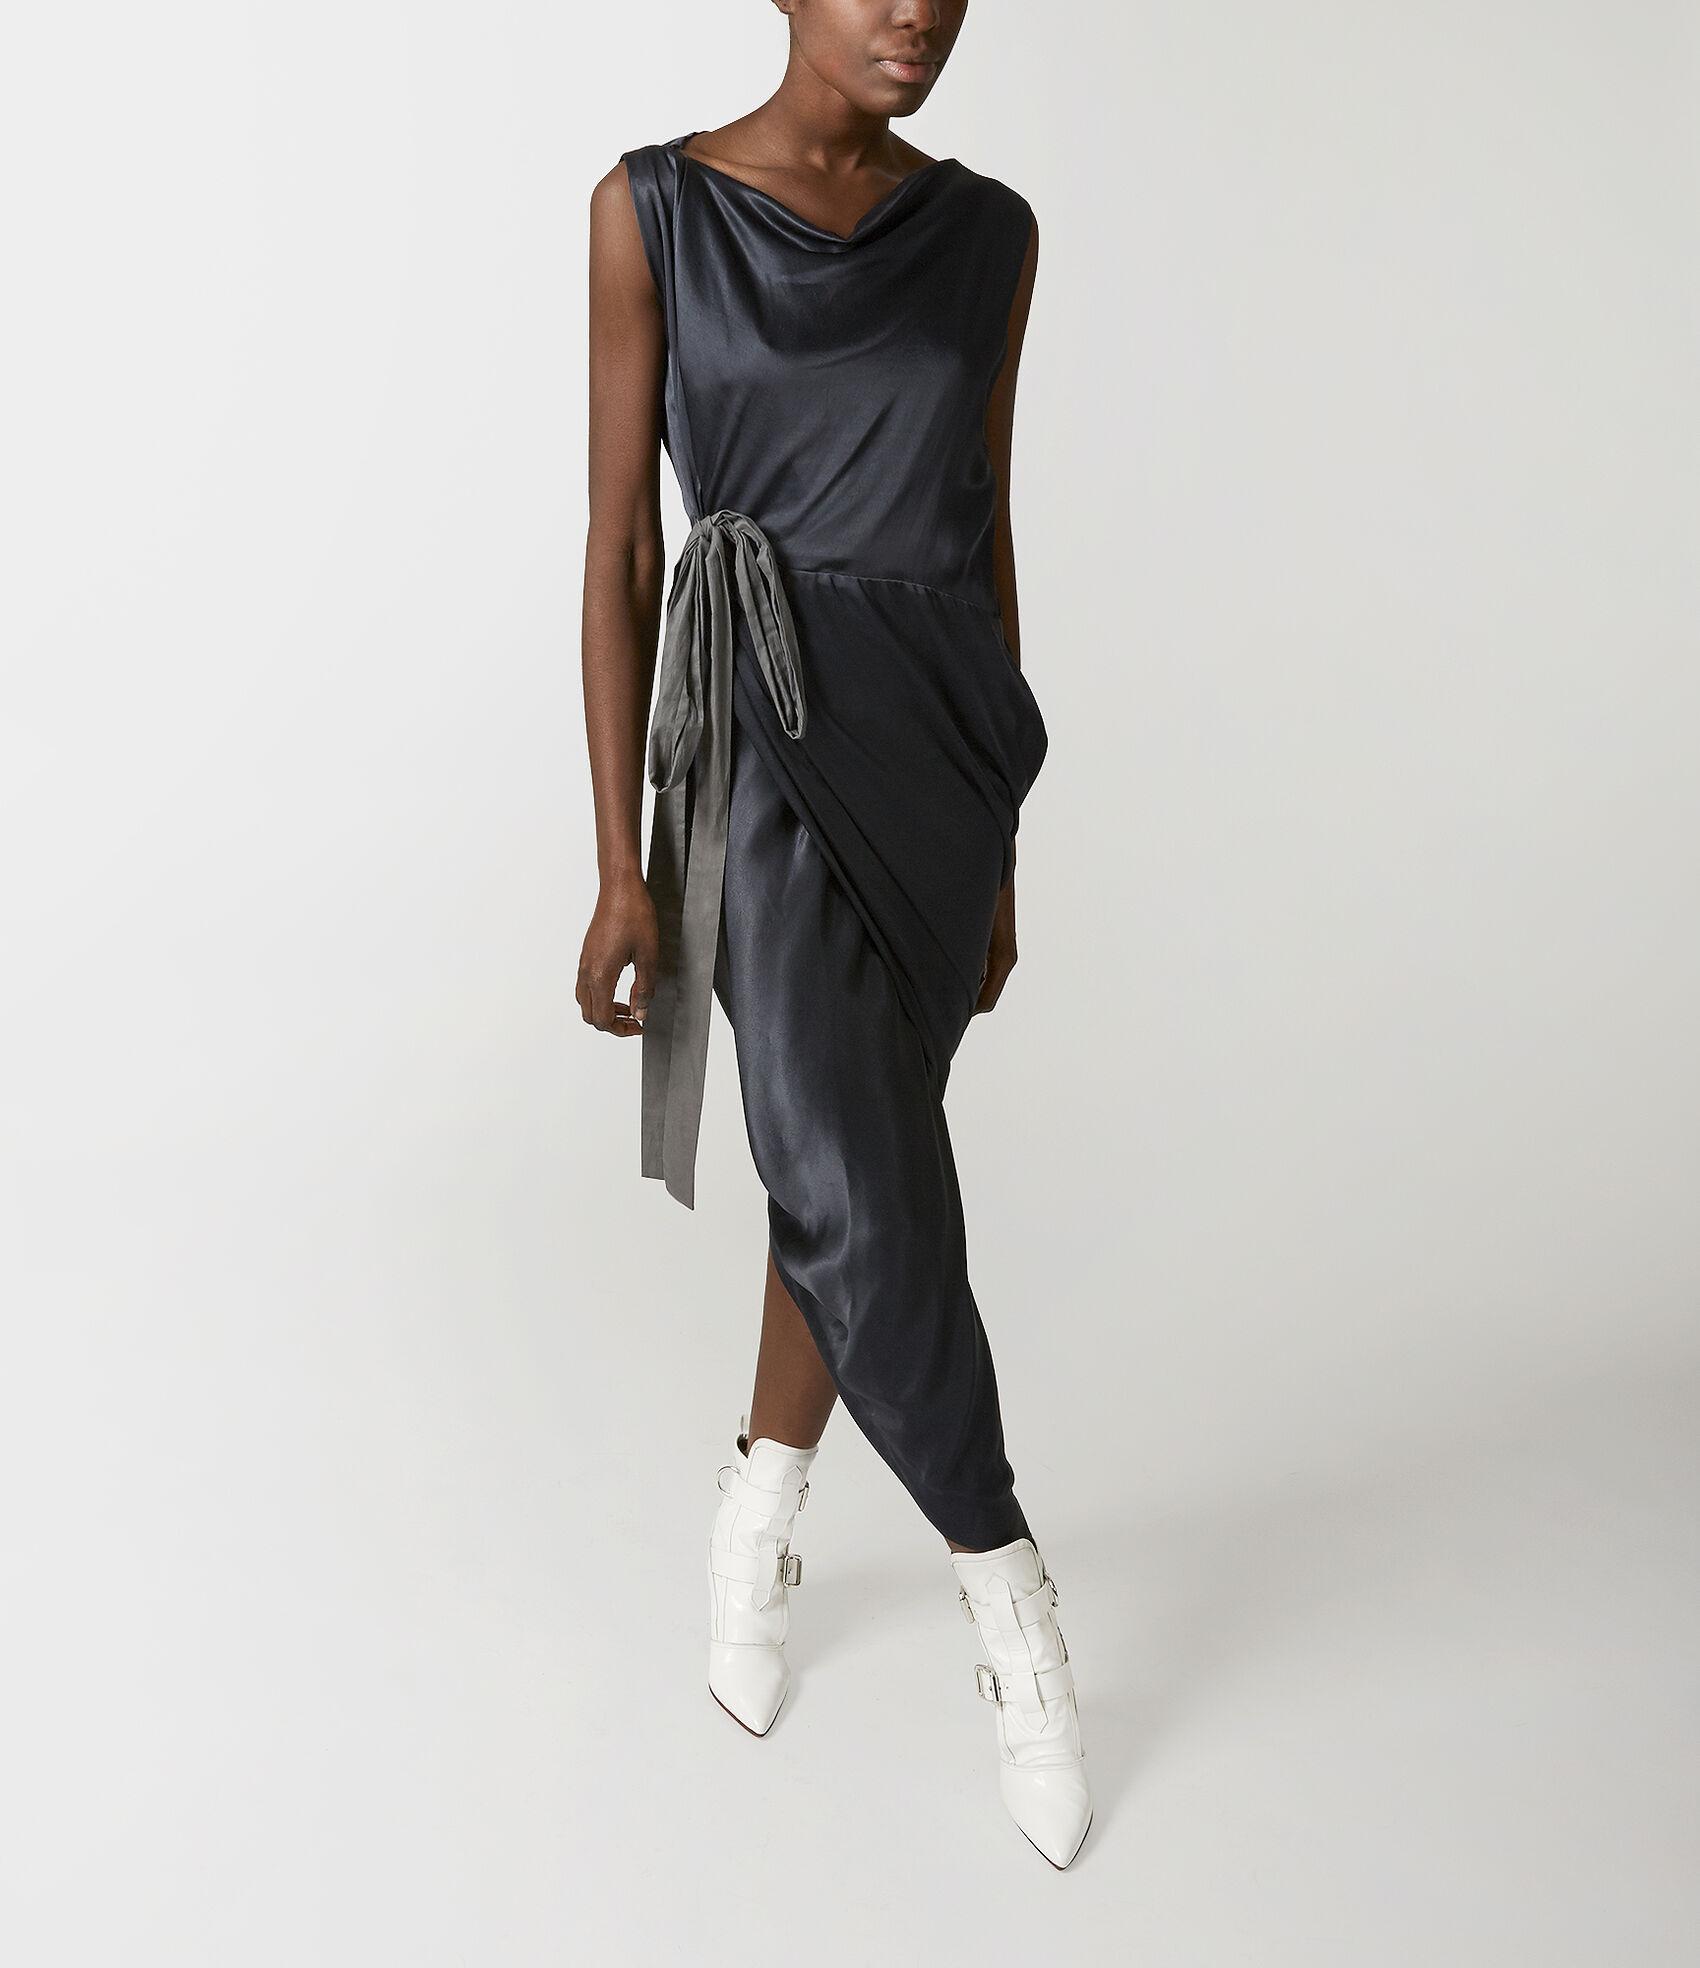 d5540e49063aa Vivienne Westwood Dresses | Women's Clothing | Vivienne Westwood ...